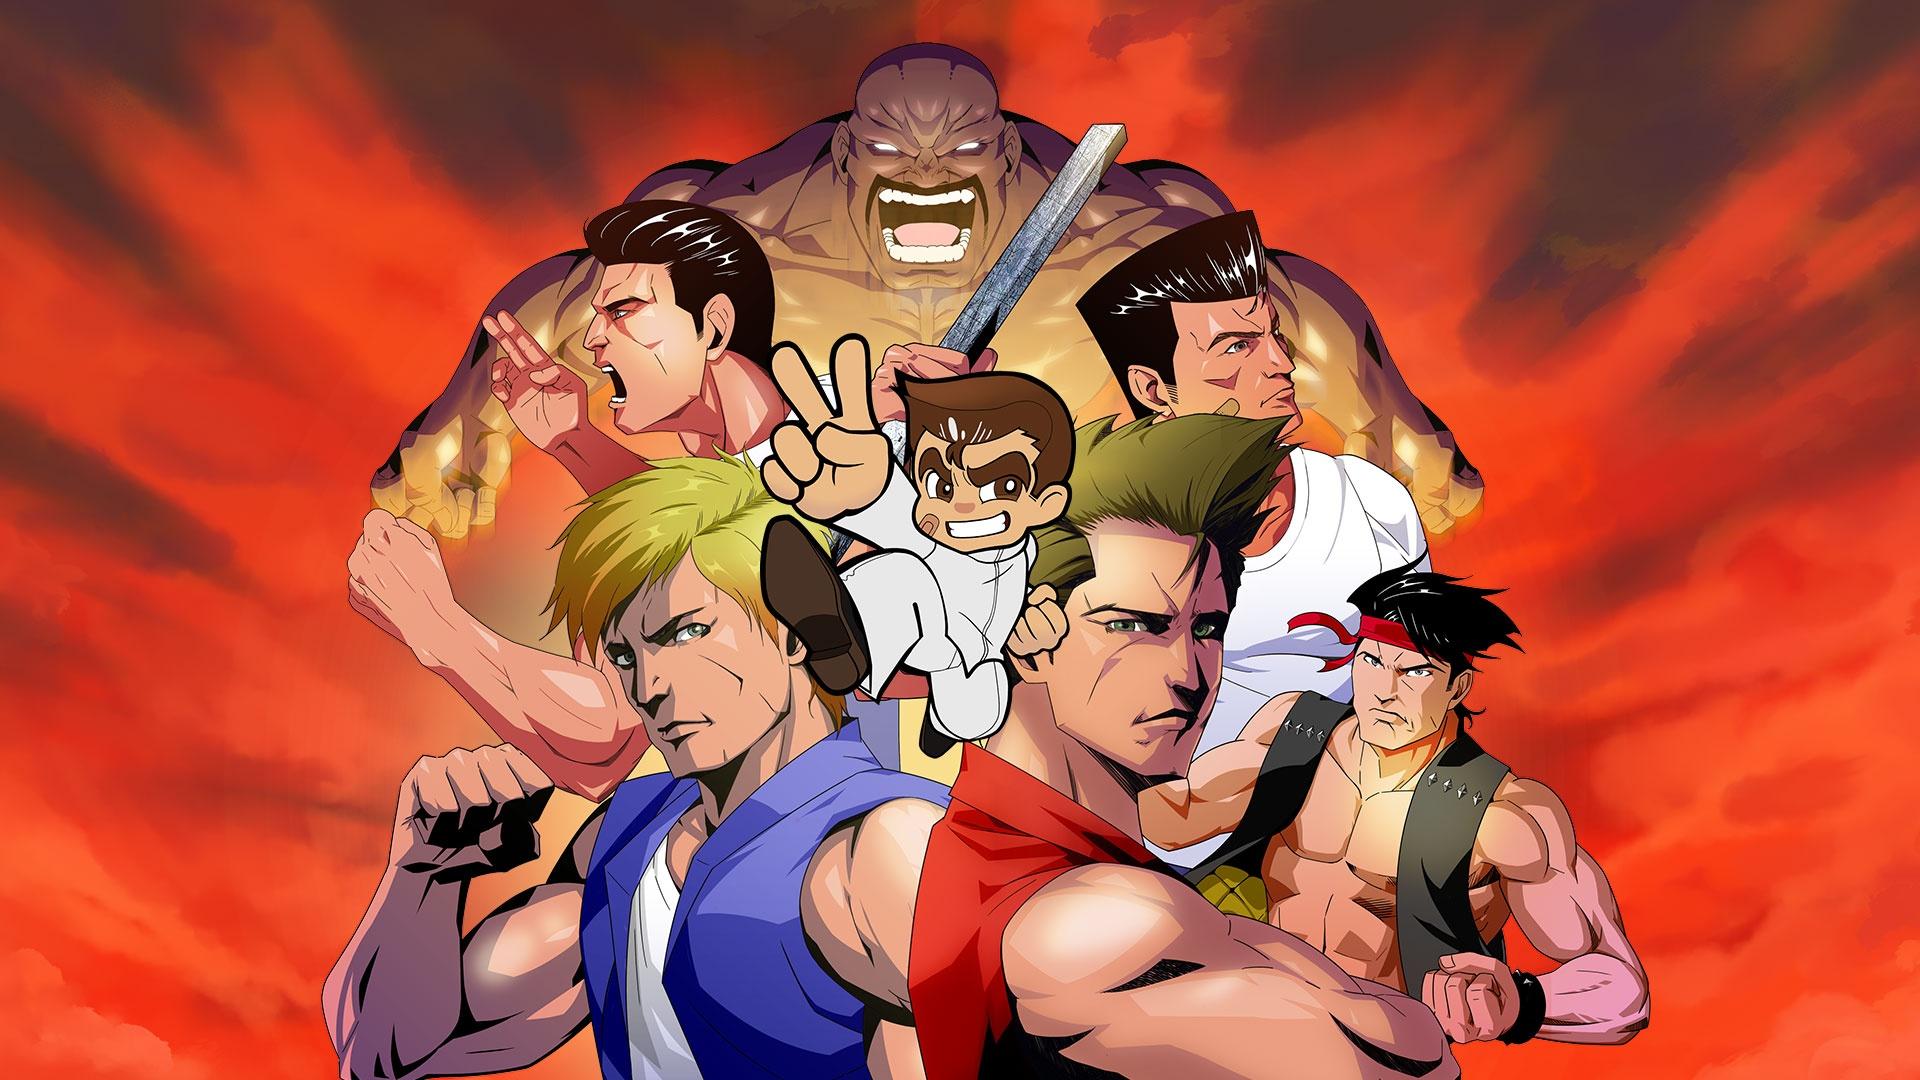 Сборник Double Dragon & Kunio-kun Retro Brawler Bundle скоро выйдет на Западе